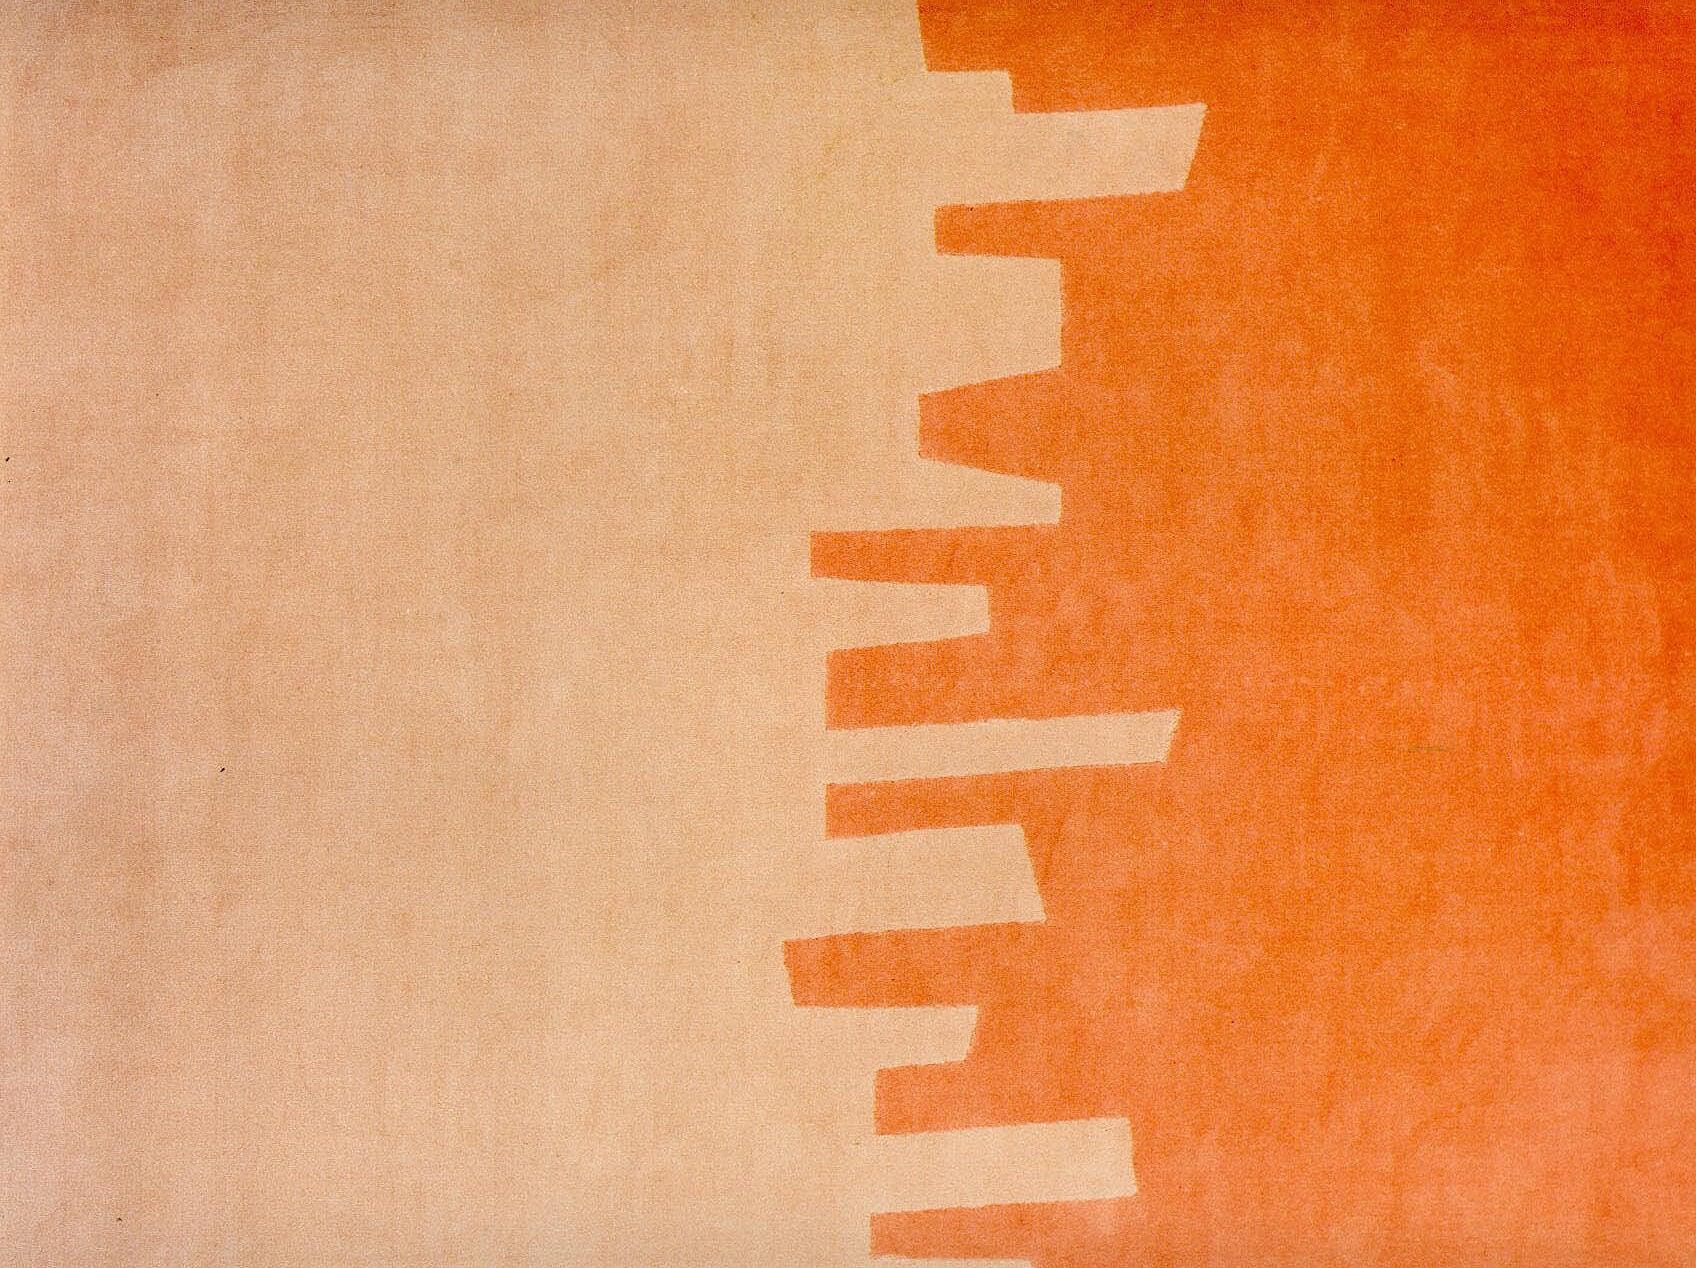 Tapetes com designs arquitetônicos para as paredes